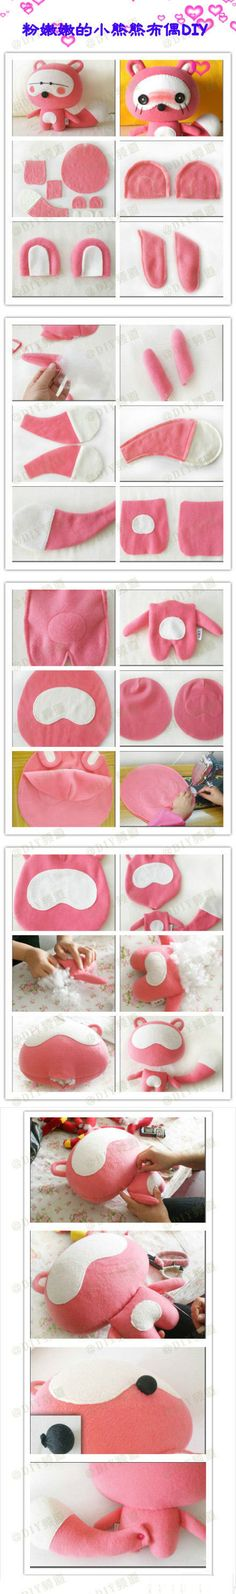 粉嫩嫩的小熊布偶DIY~超级可爱,超级喜欢呢!